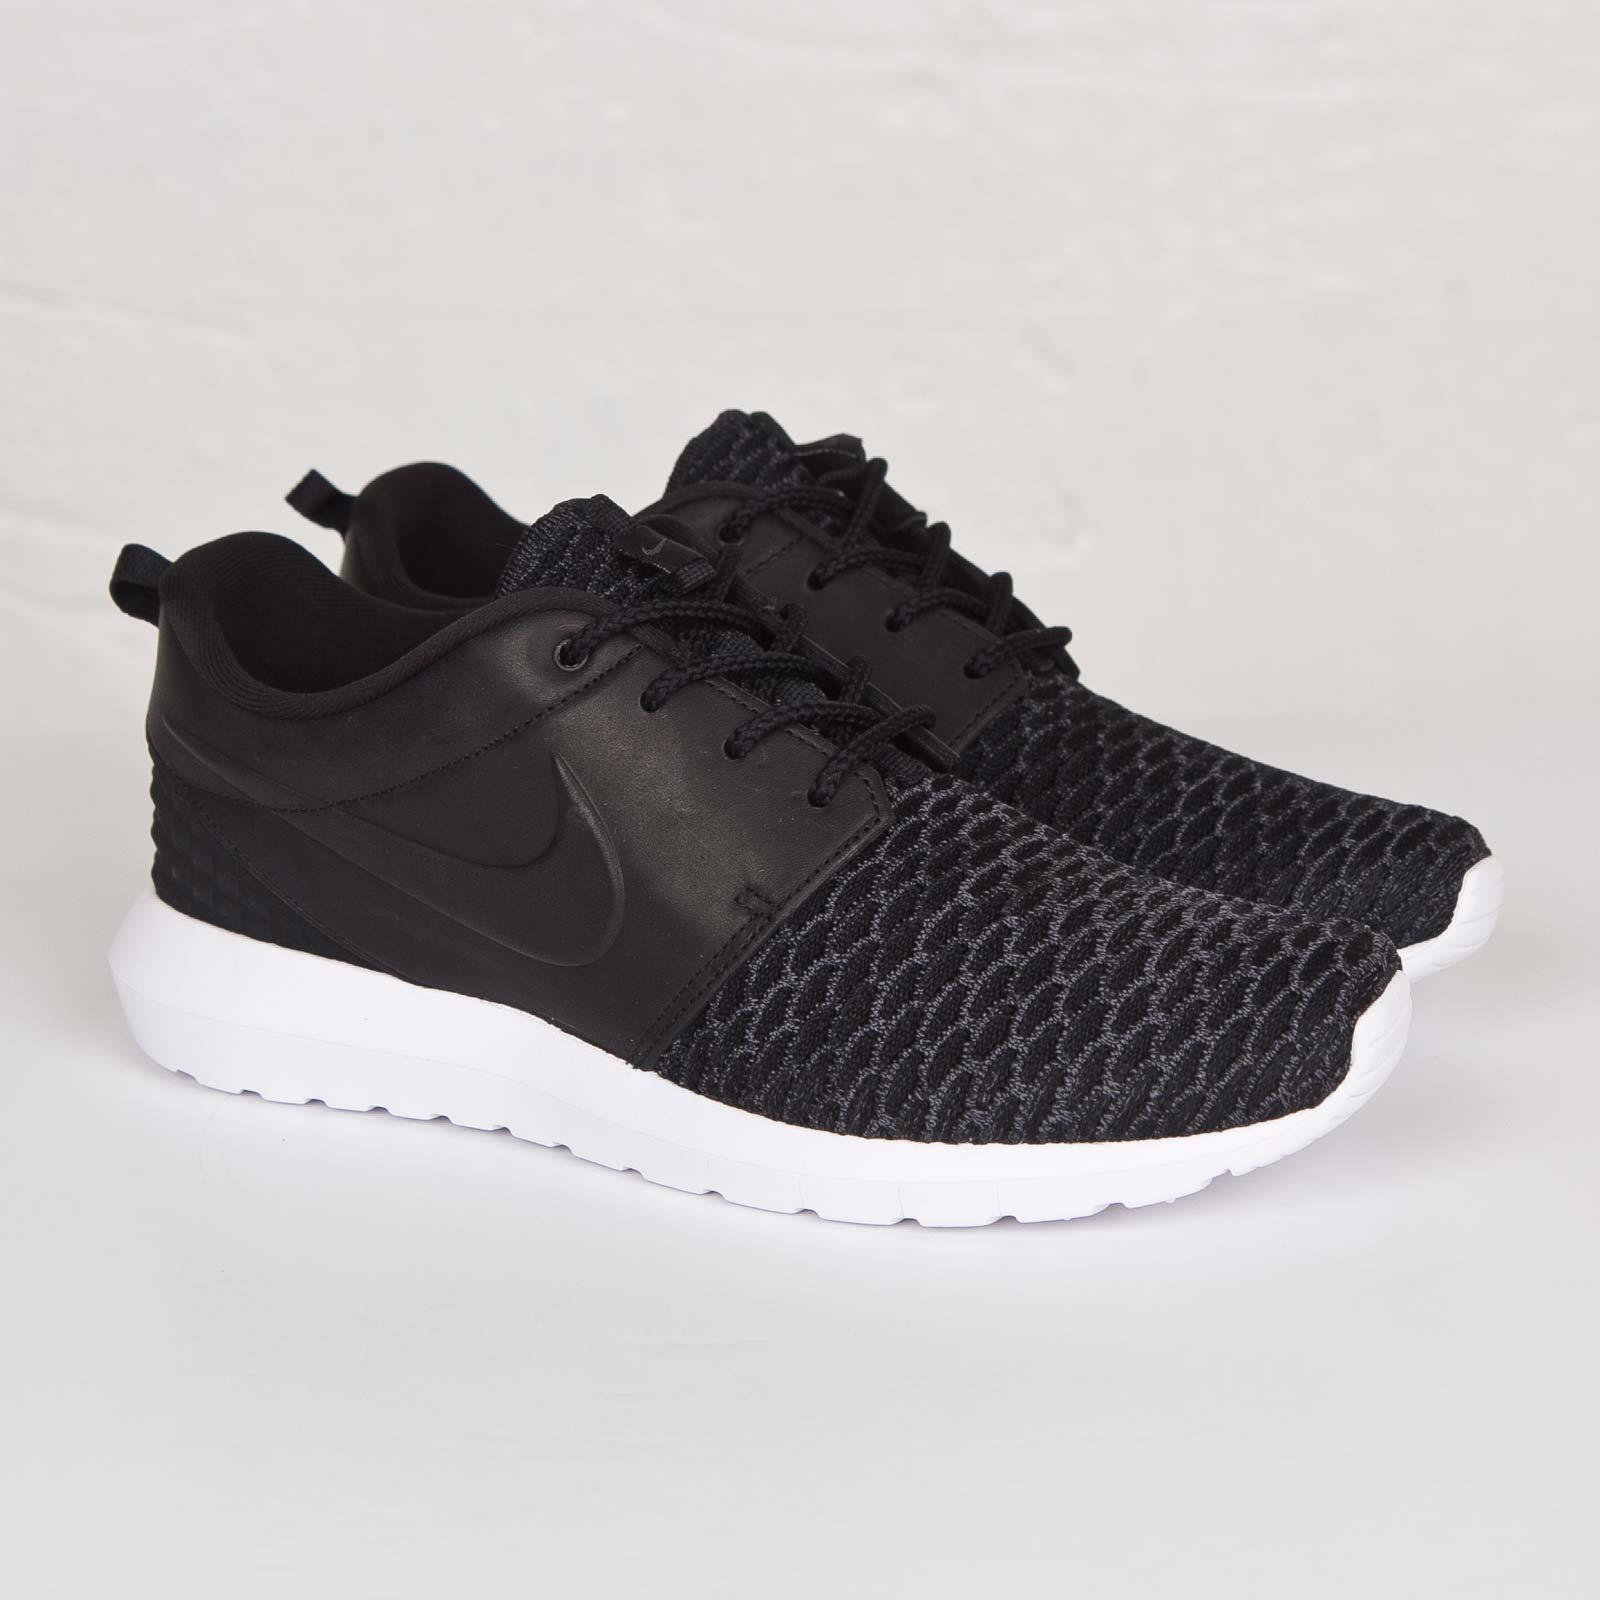 025d563544e9 Nike Roshe NM Flyknit Premium - 746825-001 - Sneakersnstuff ...